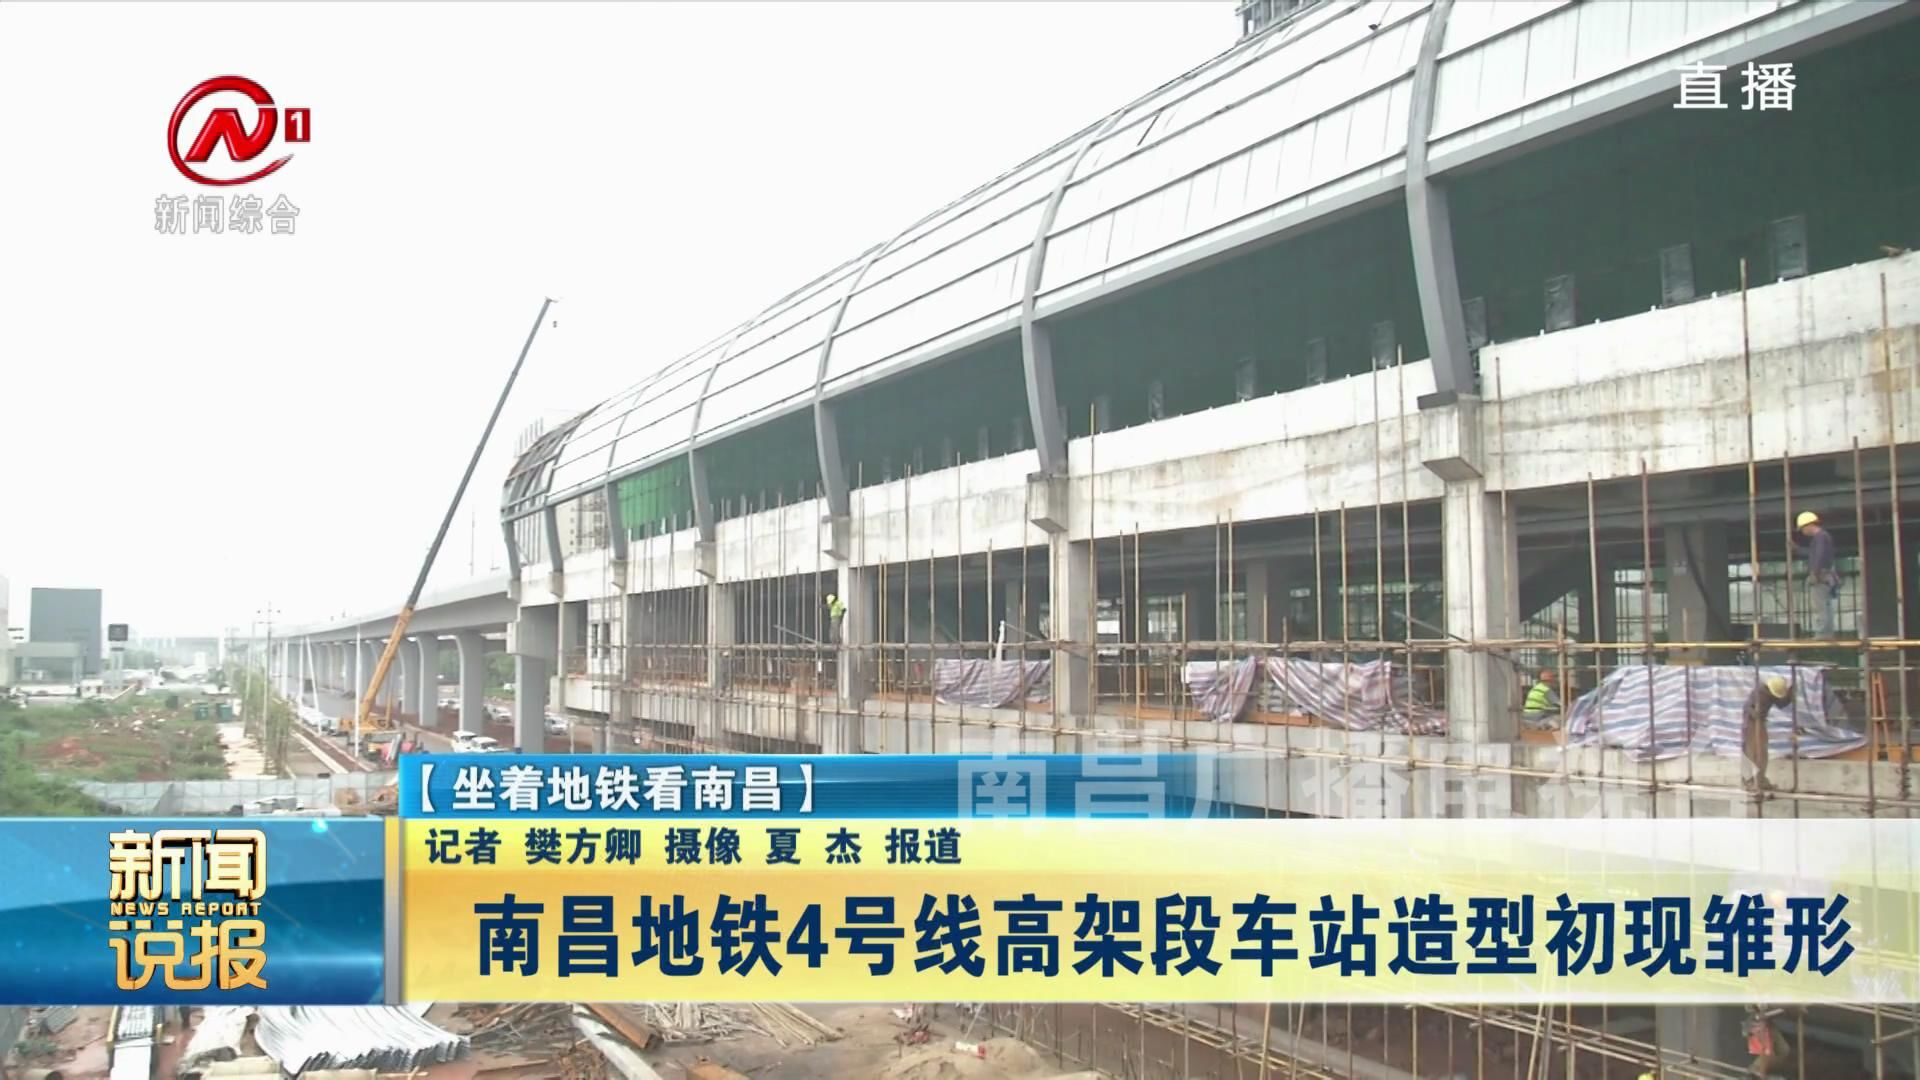 南昌地铁4号线高架段车站造型初现雏形